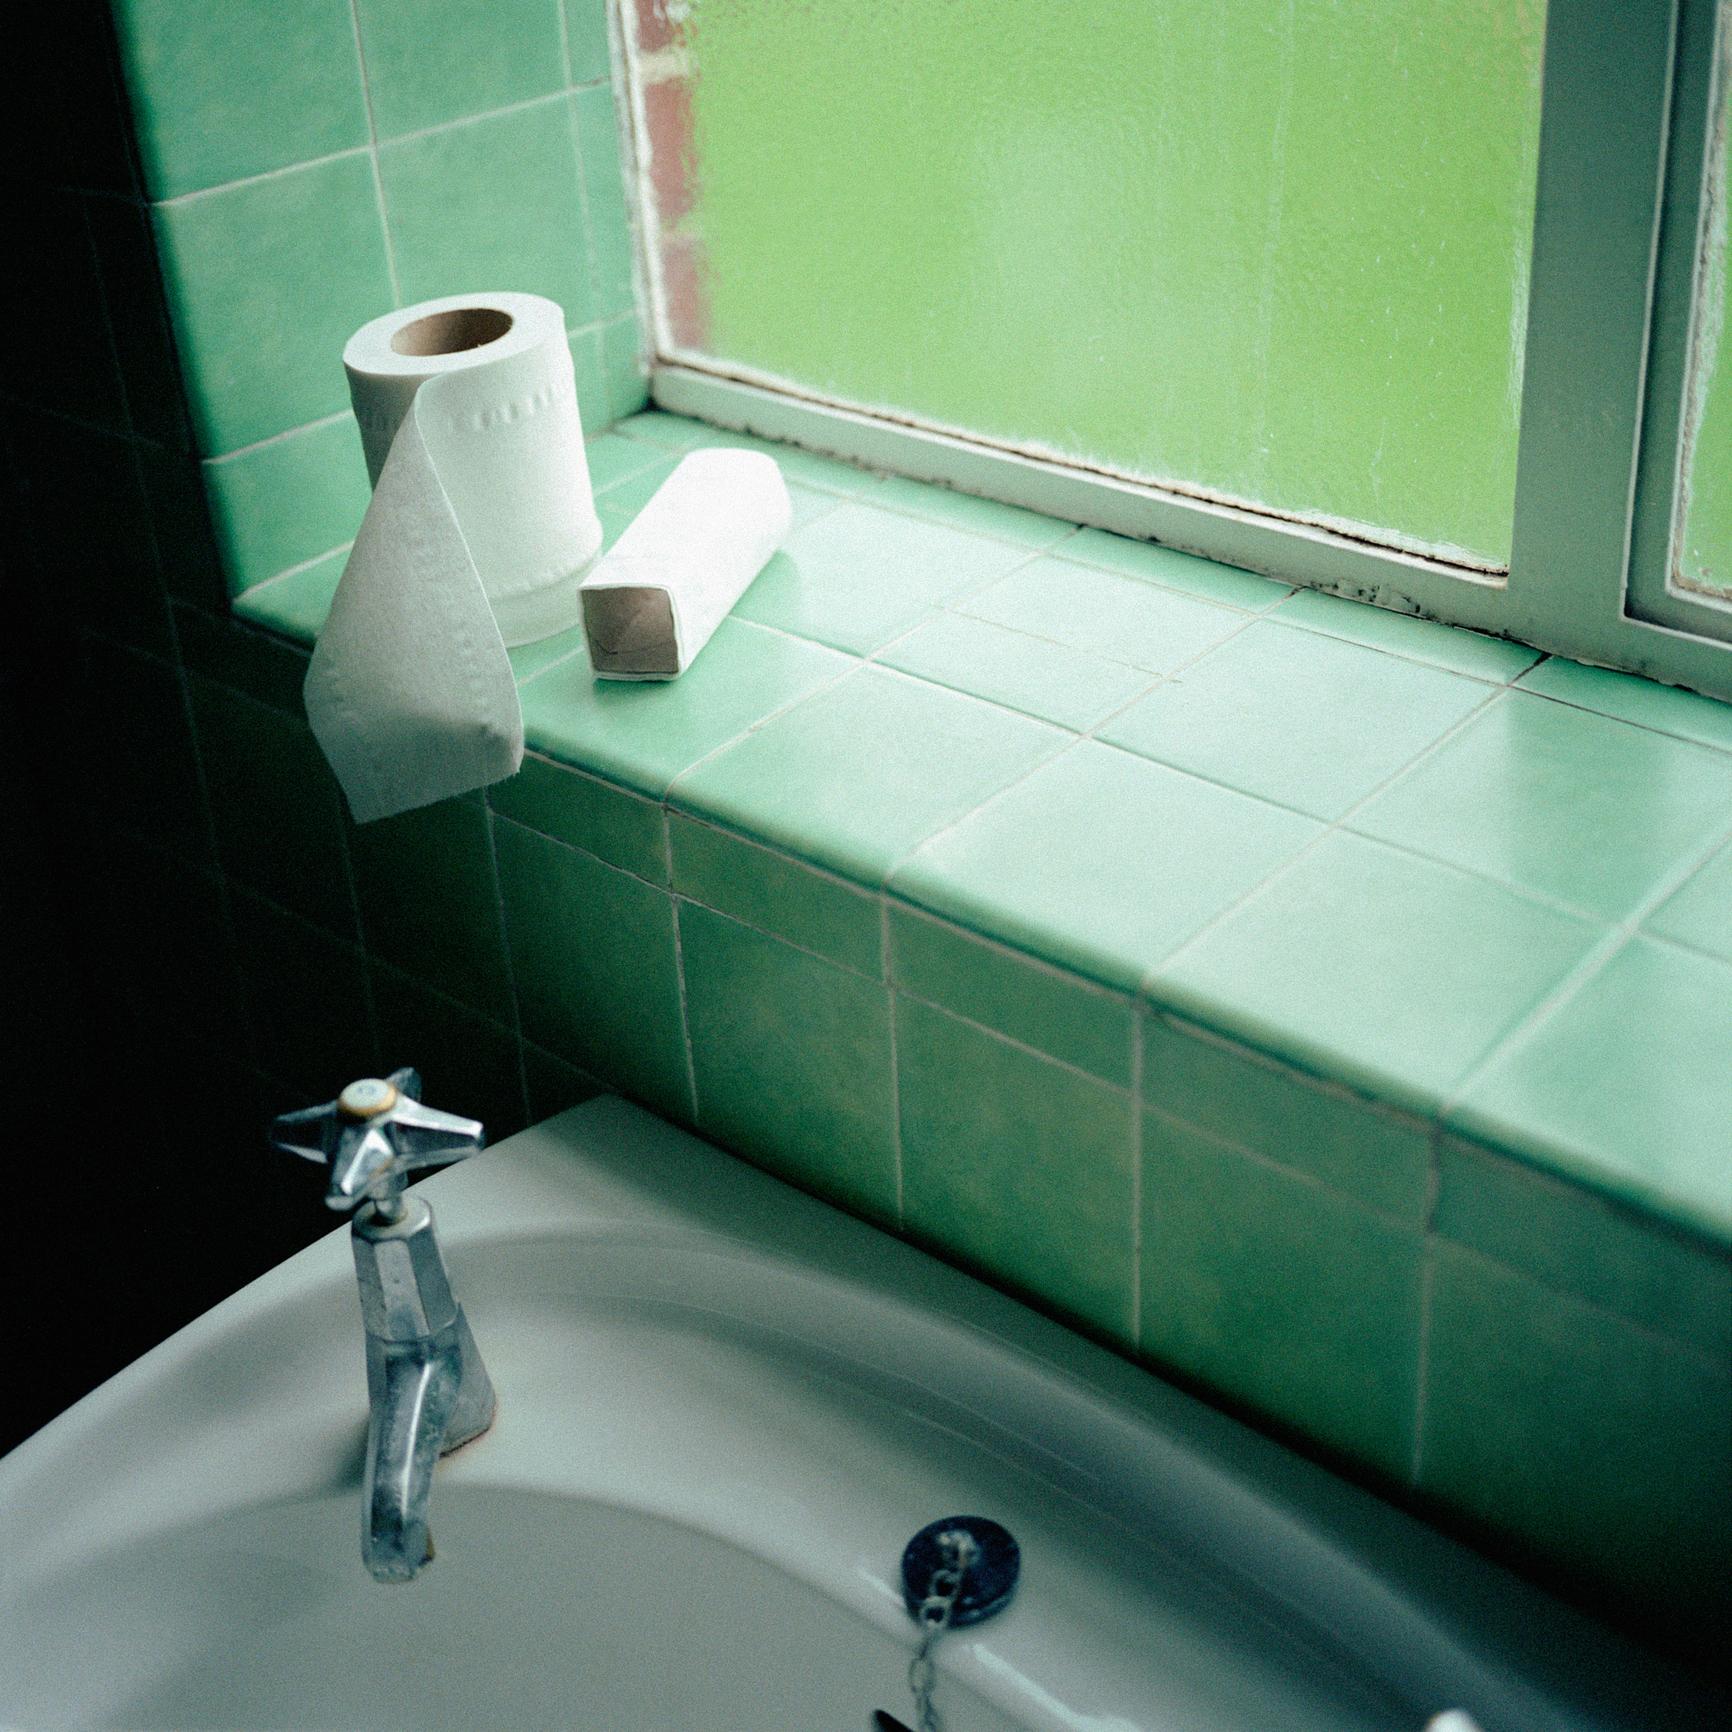 Когато миете плочките в банята или друго помещение, оставете препарата, който използвате да престои до 10 минути поне. Така всичката мръсотия, натрупала се между фигите ще се разтвори много по-добре. Не го отмивайте веднага.